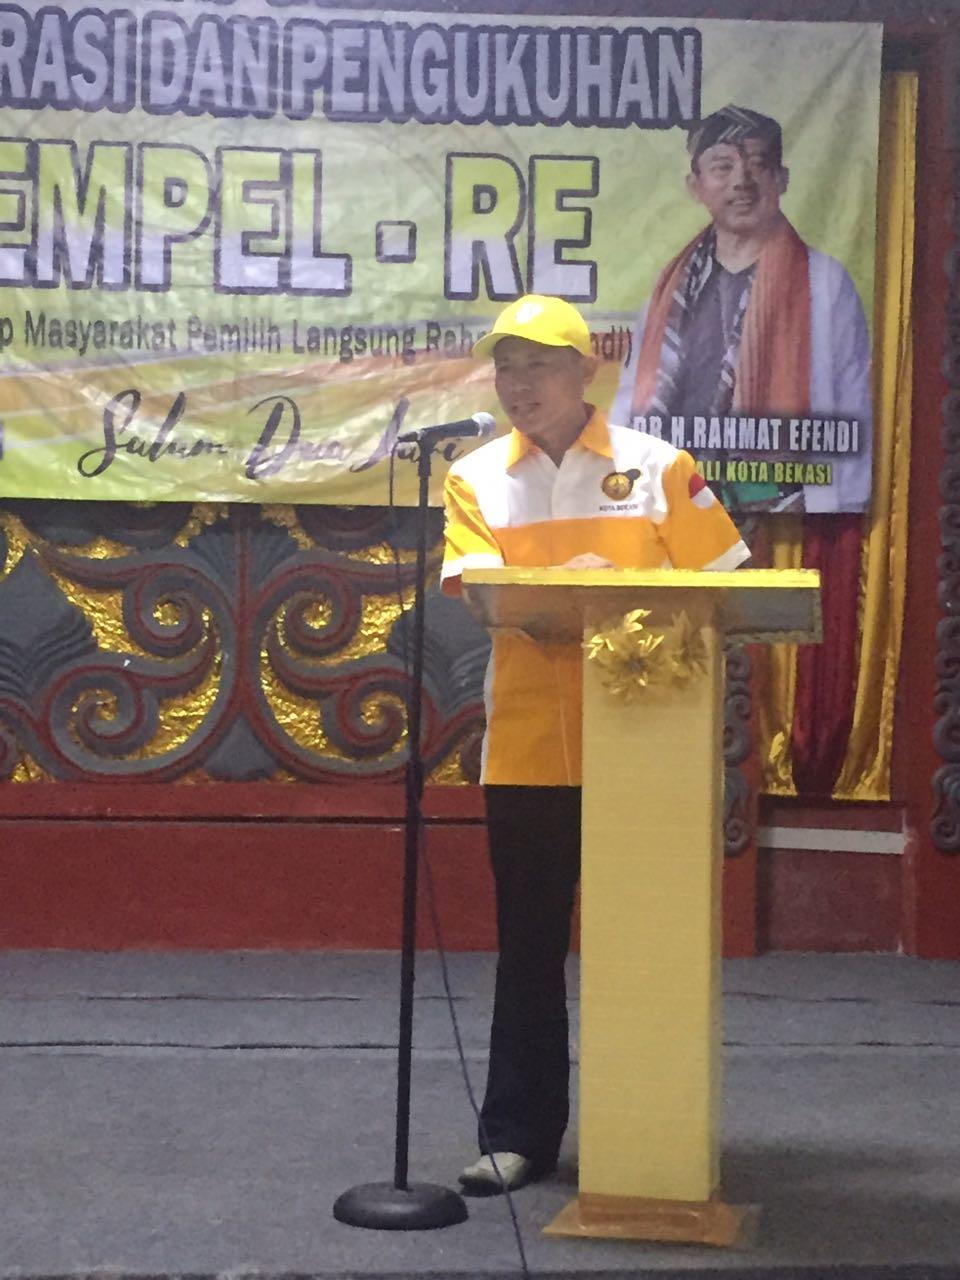 Hari Ini, Paslon Rahmat Effendi  dan Tri Dijadwalkan Akan Mendaftar ke KPUD Kota Bekasi